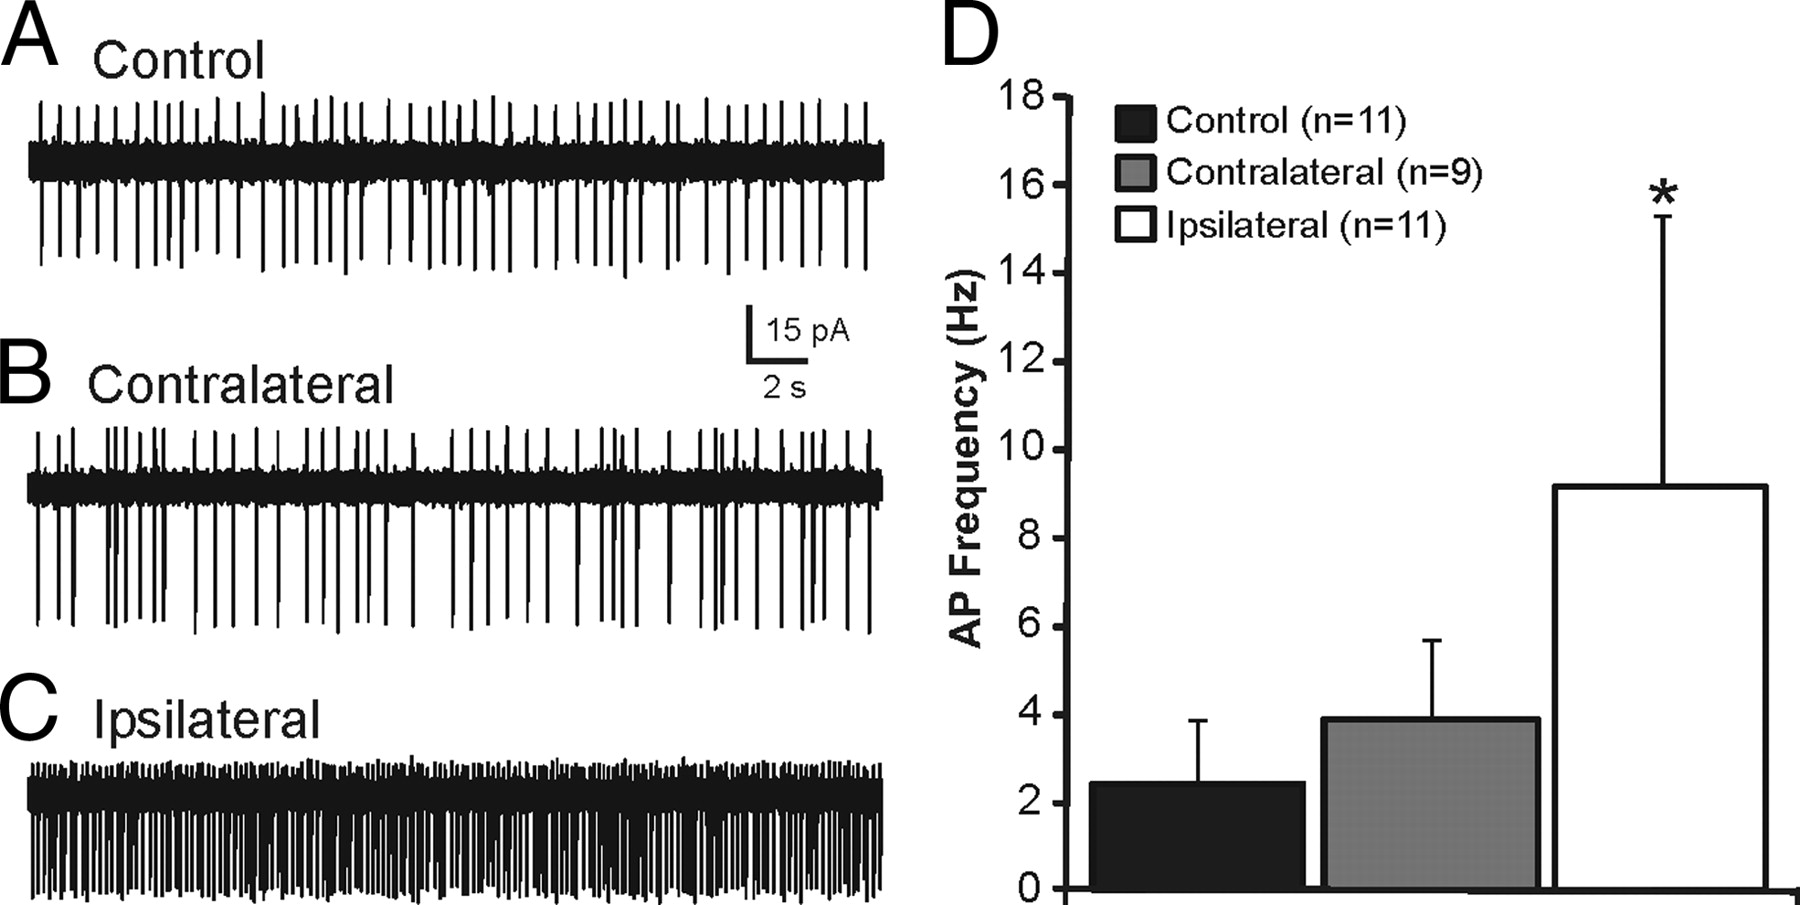 Synaptic Reorganization of Inhibitory Hilar Interneuron